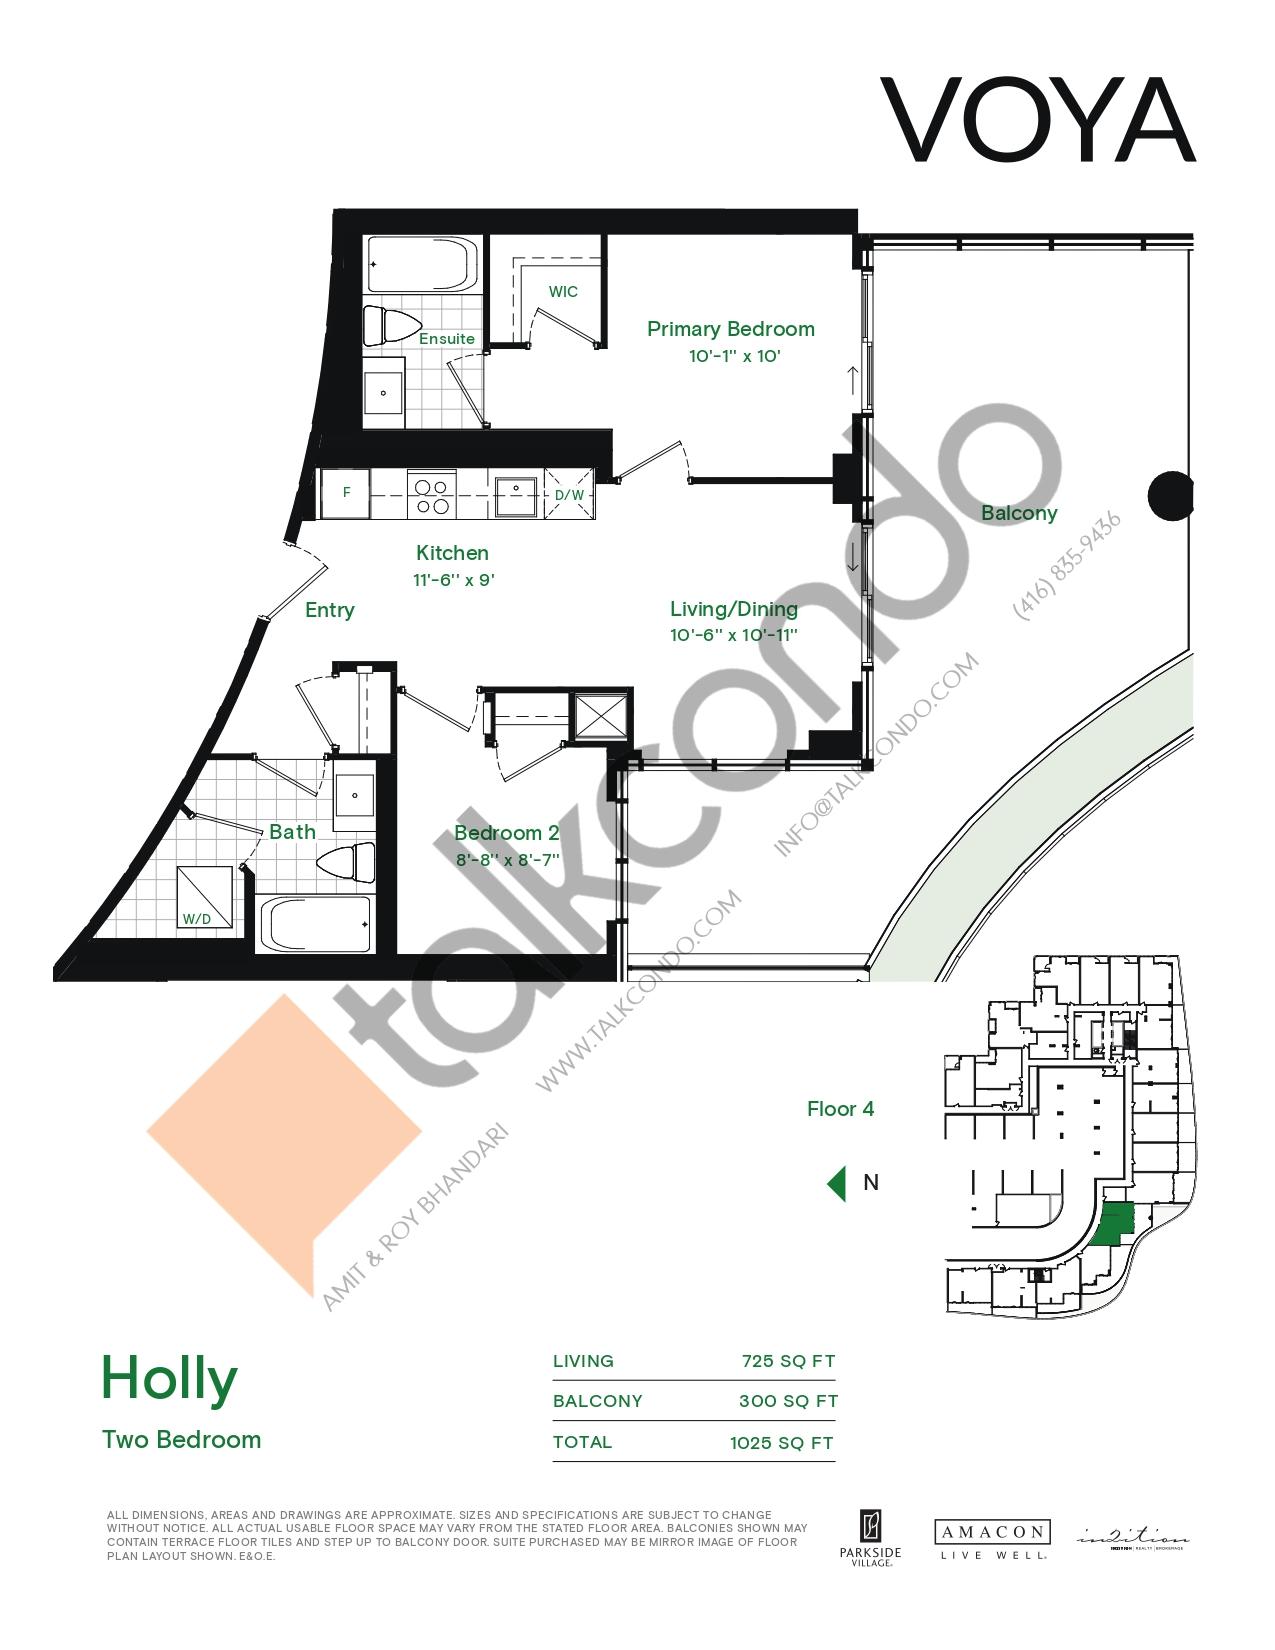 Holly (Podium) Floor Plan at Voya at Parkside Village Condos - 725 sq.ft